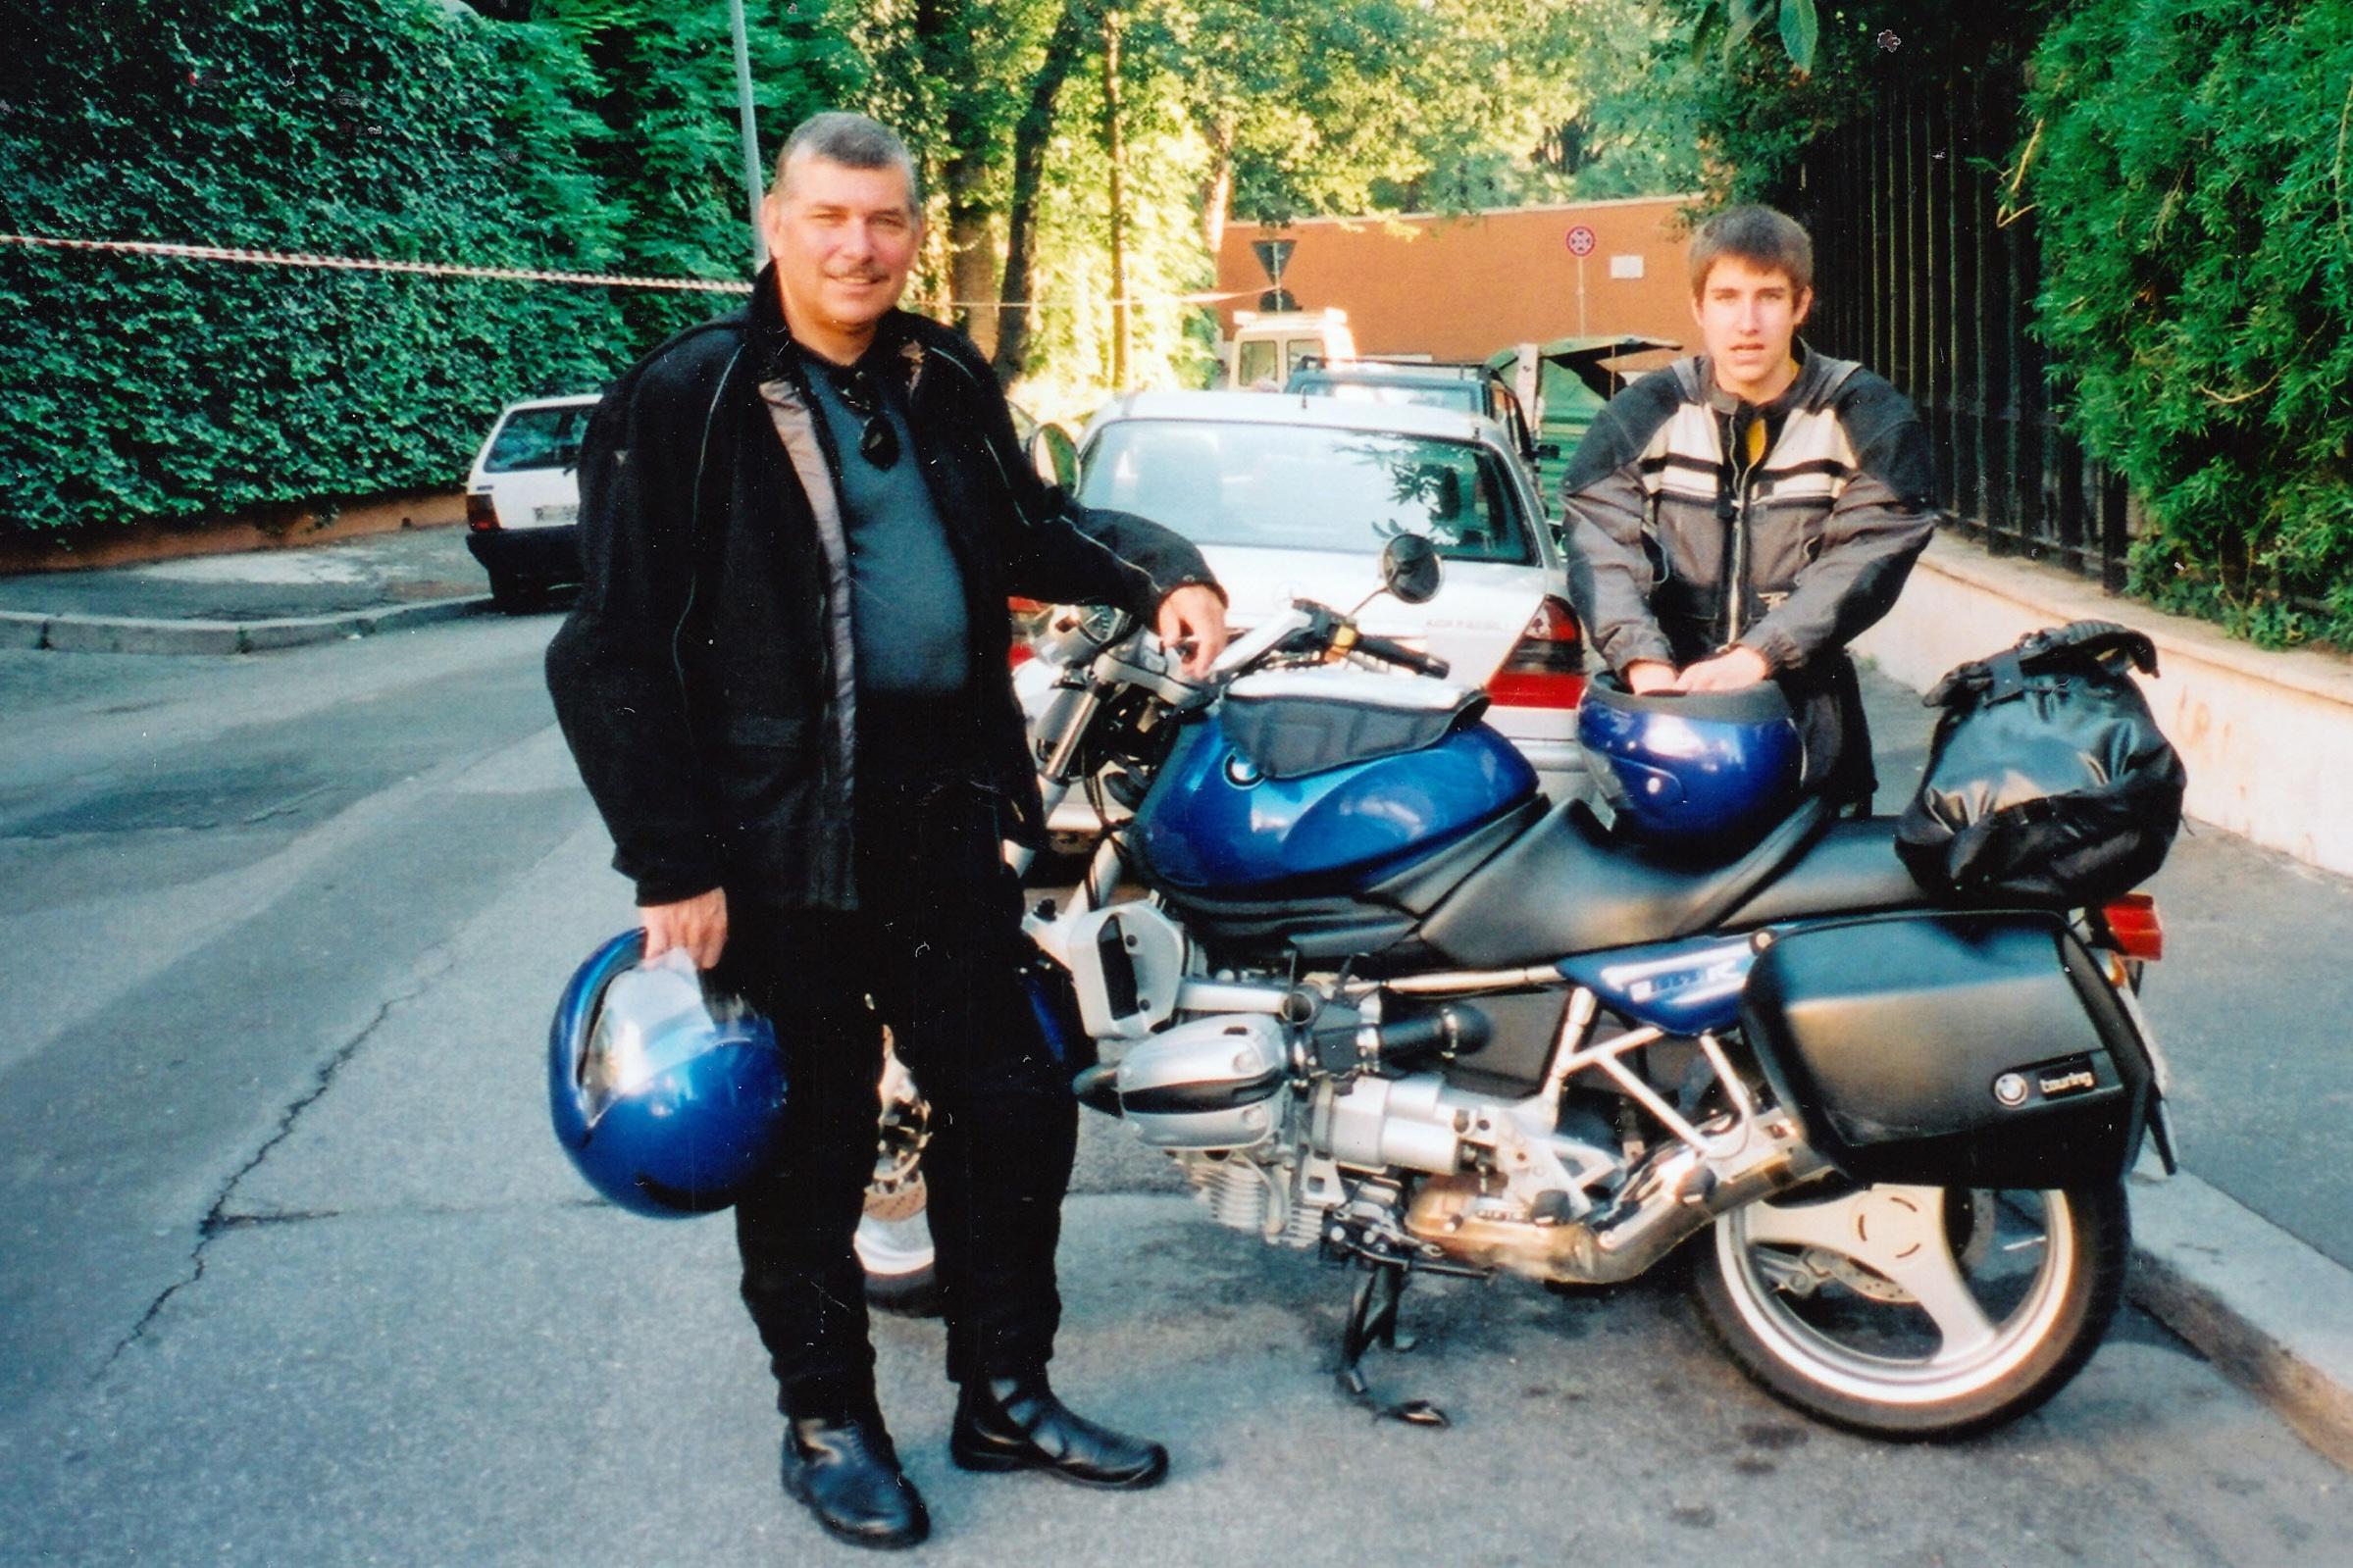 Bild von einem Motorradfahrer mit einem Jungen vor einer bepackten BMW R 1150 R auf großer Tour von Rom nach Bayern